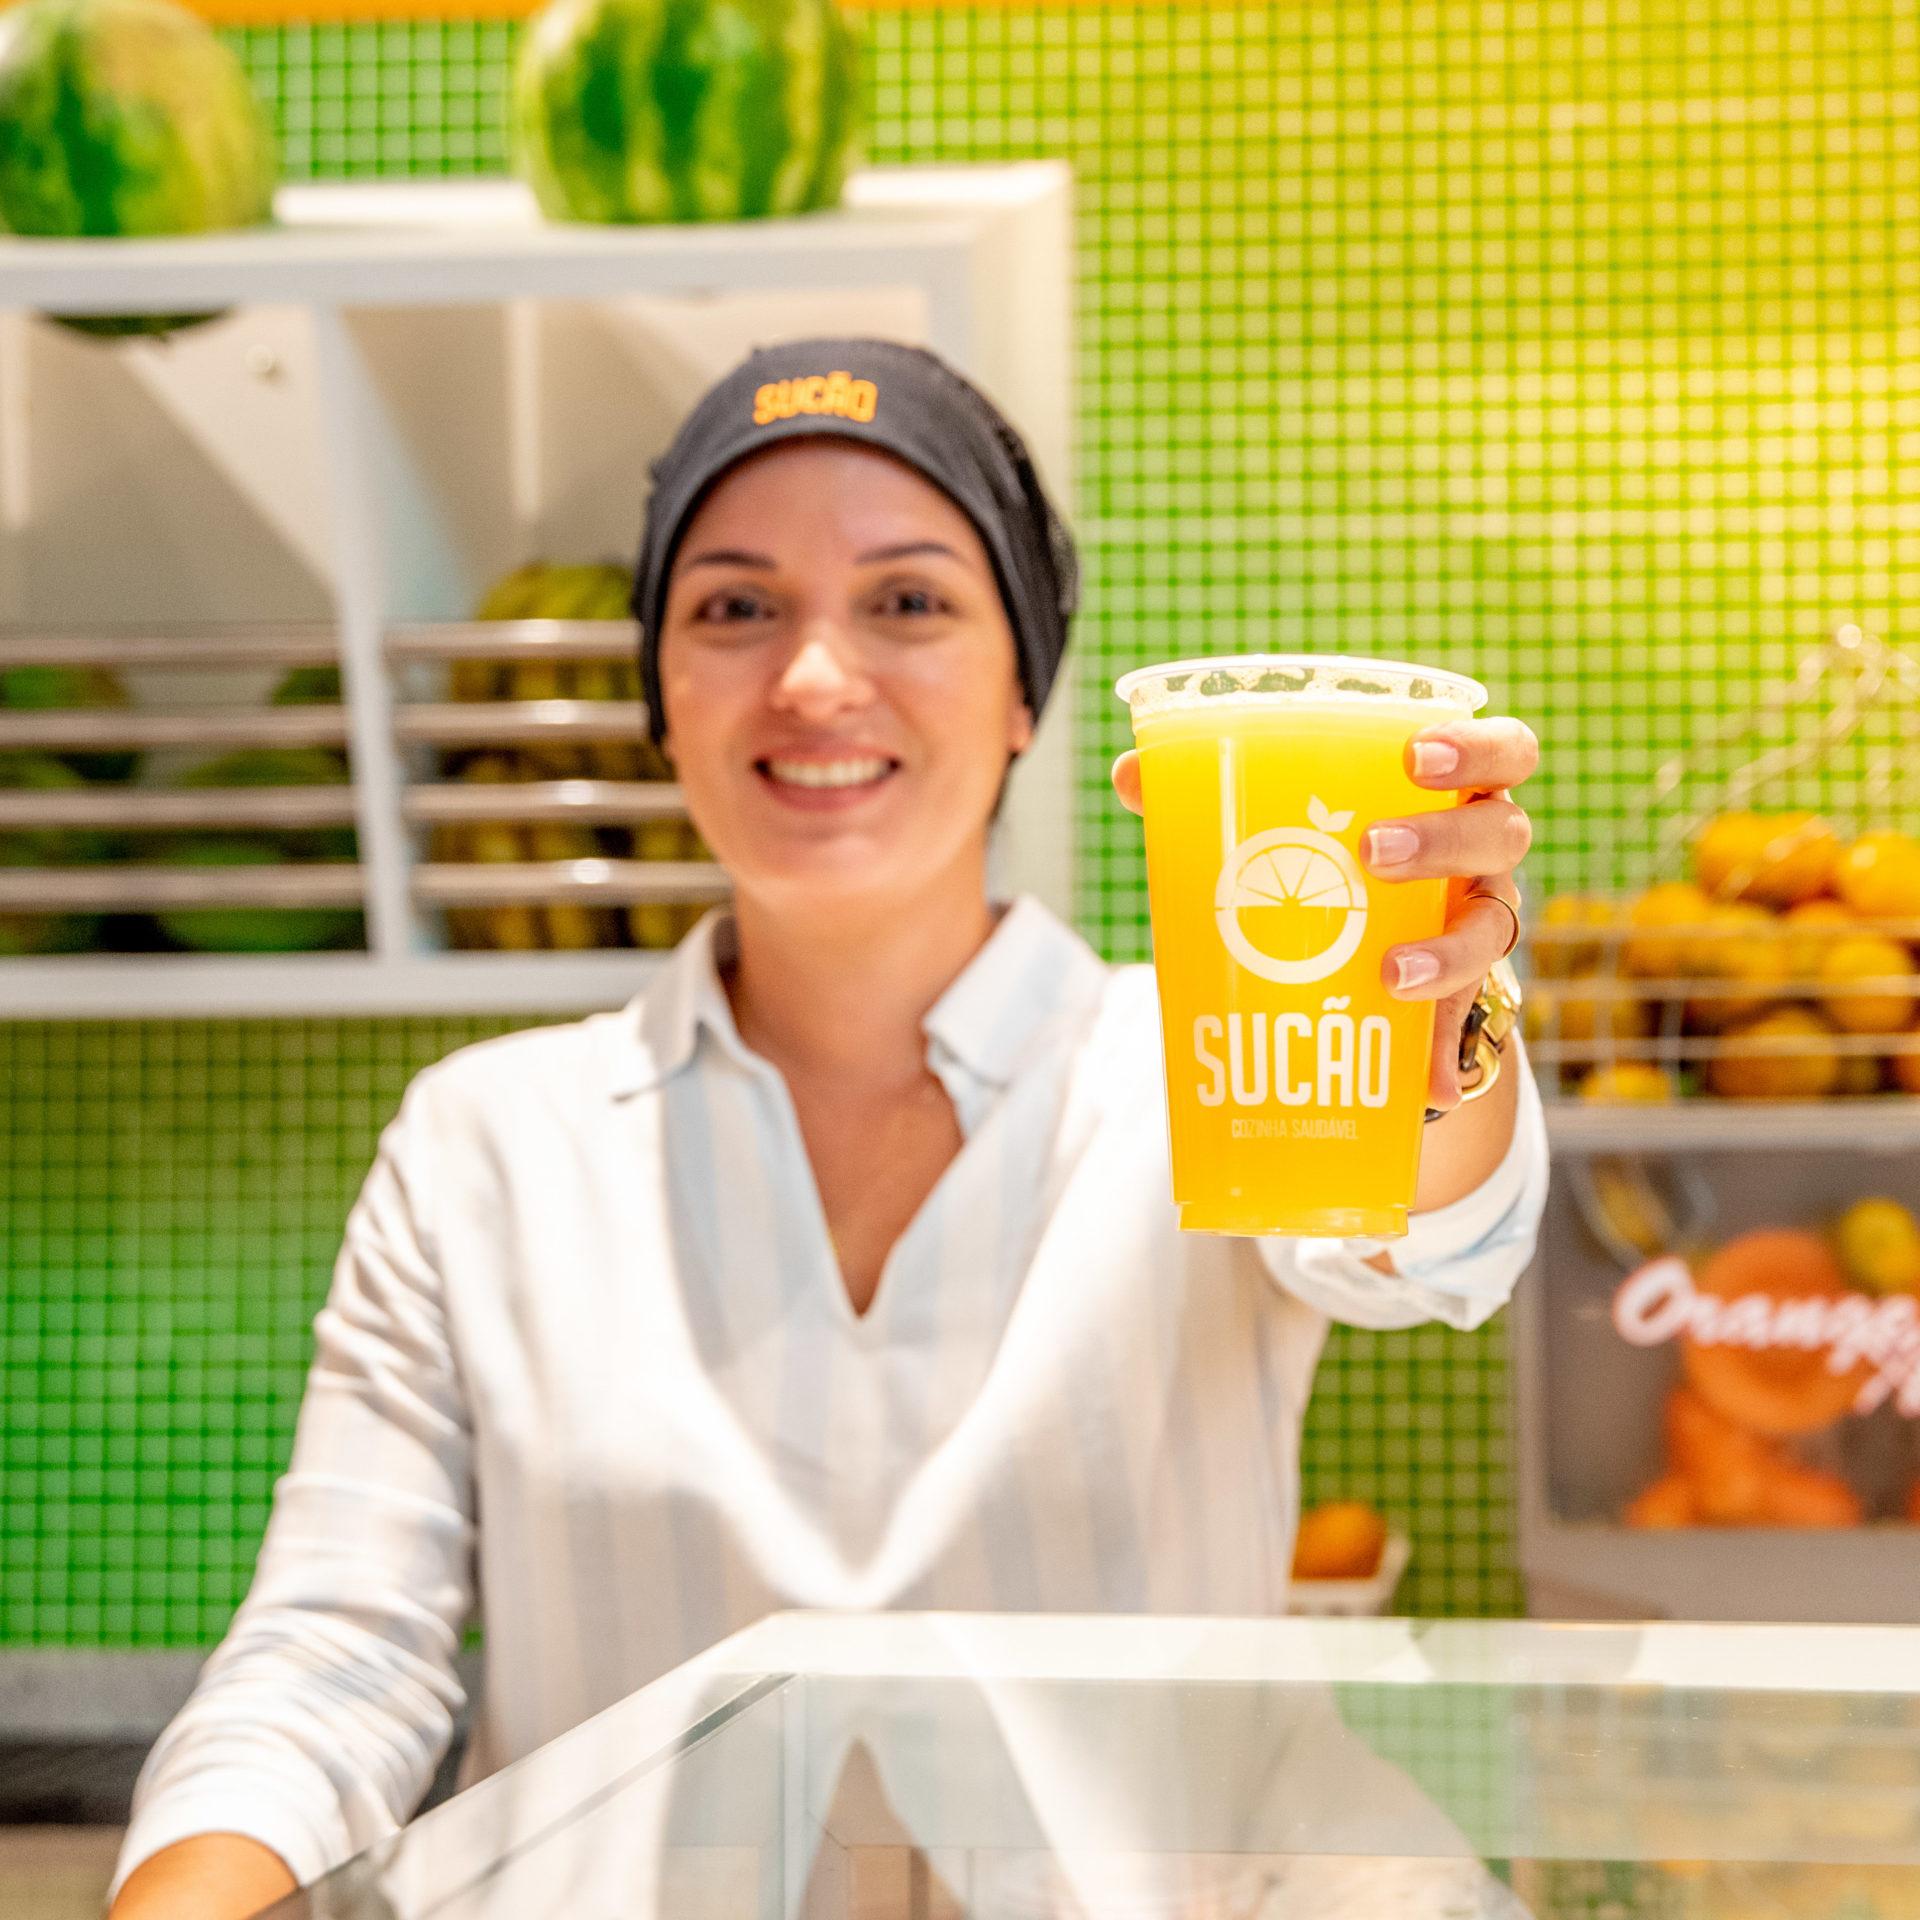 mulher de branco segurando suco de laranja em restaurante de shopping